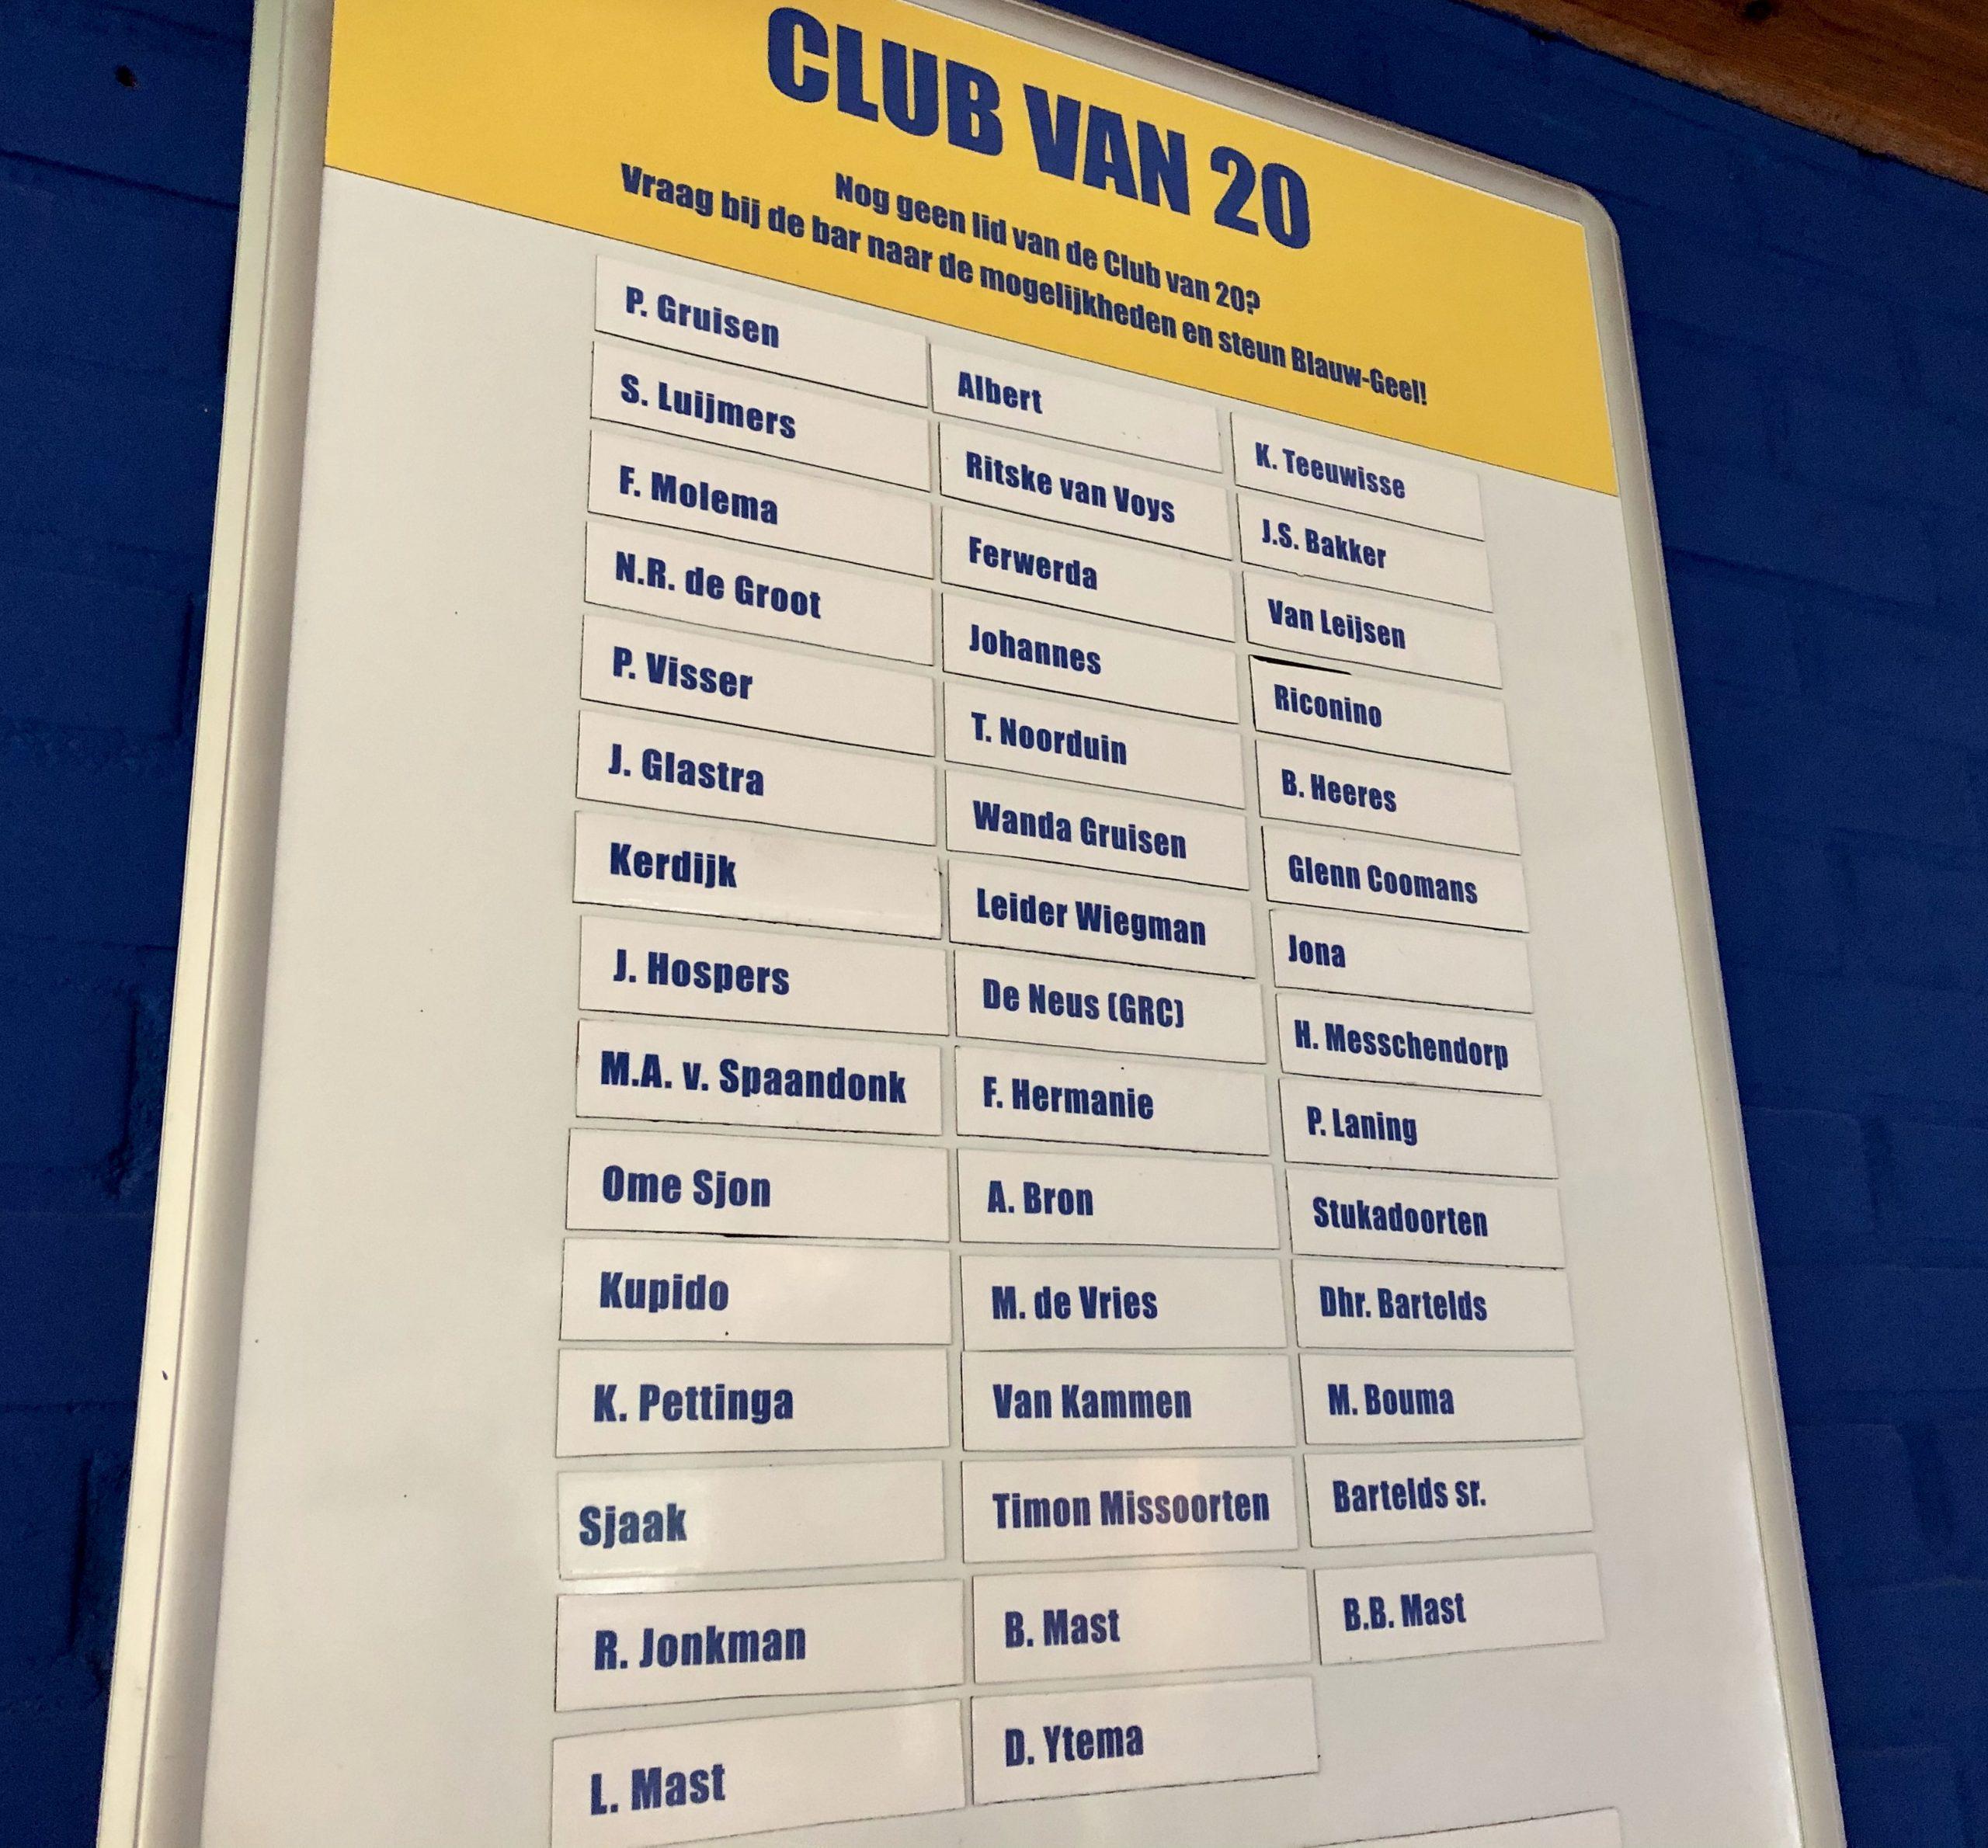 Projecten 'Club van 20' afgelopen seizoen